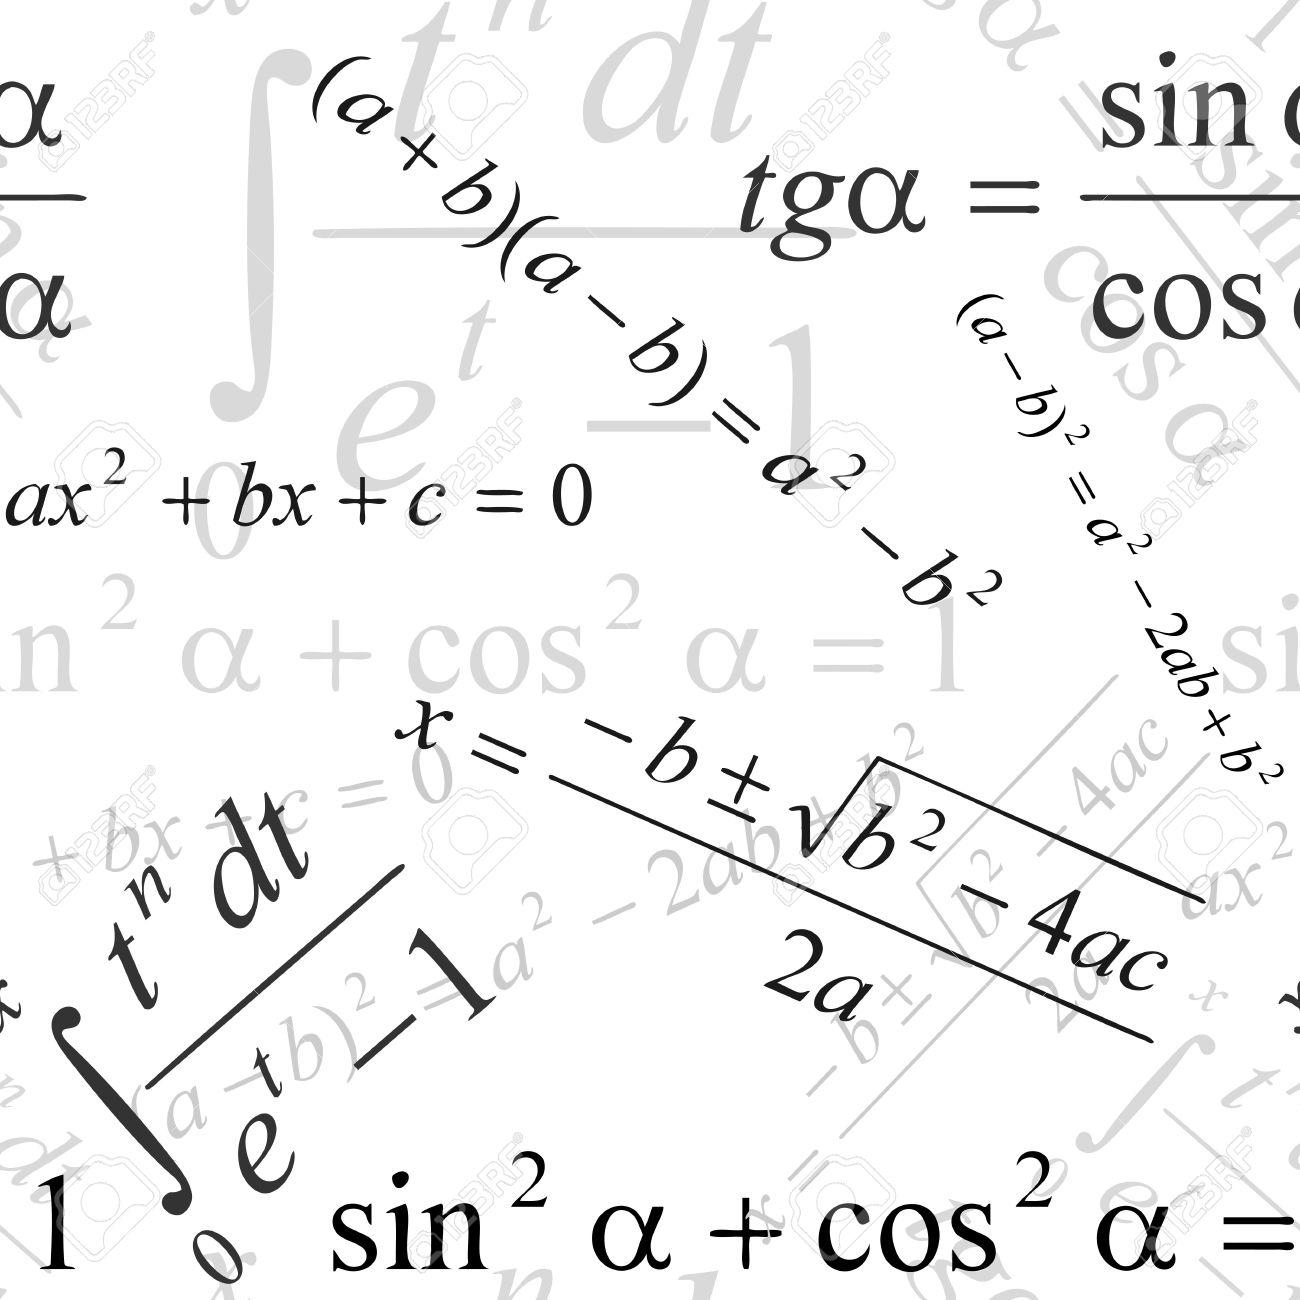 formulas - Parfu kaptanband co